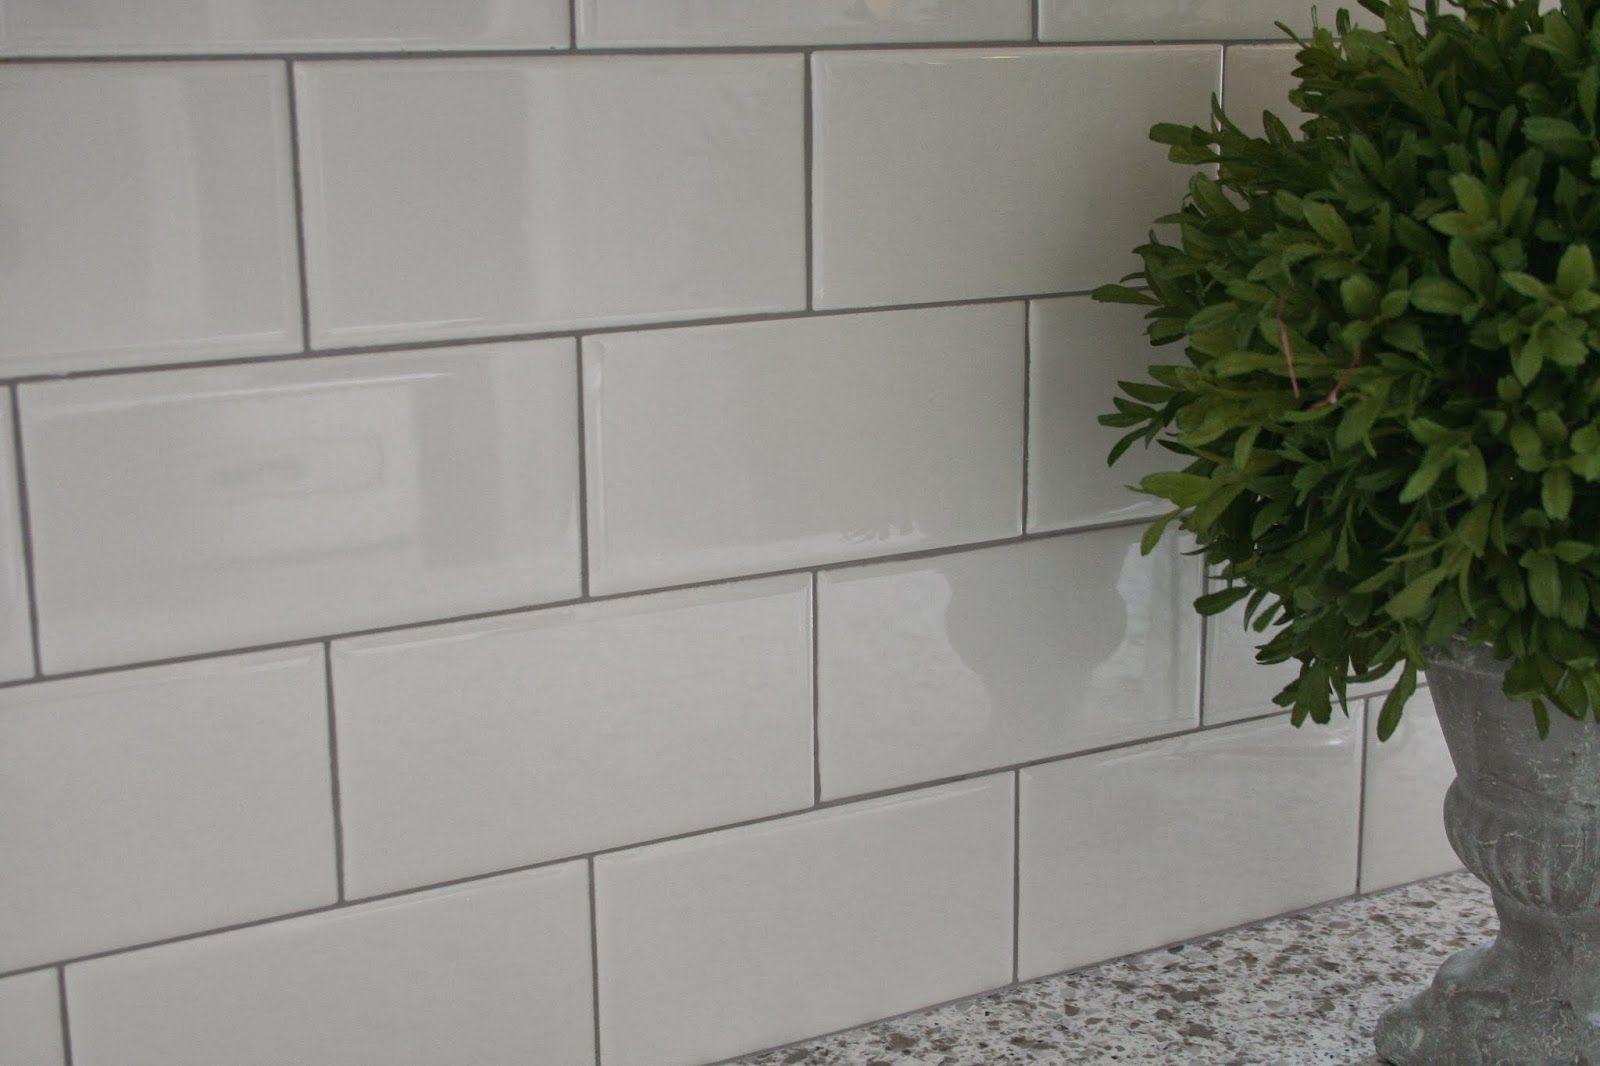 Daltile 3 X 6 Ceramic Tile In White Kitchen Subway